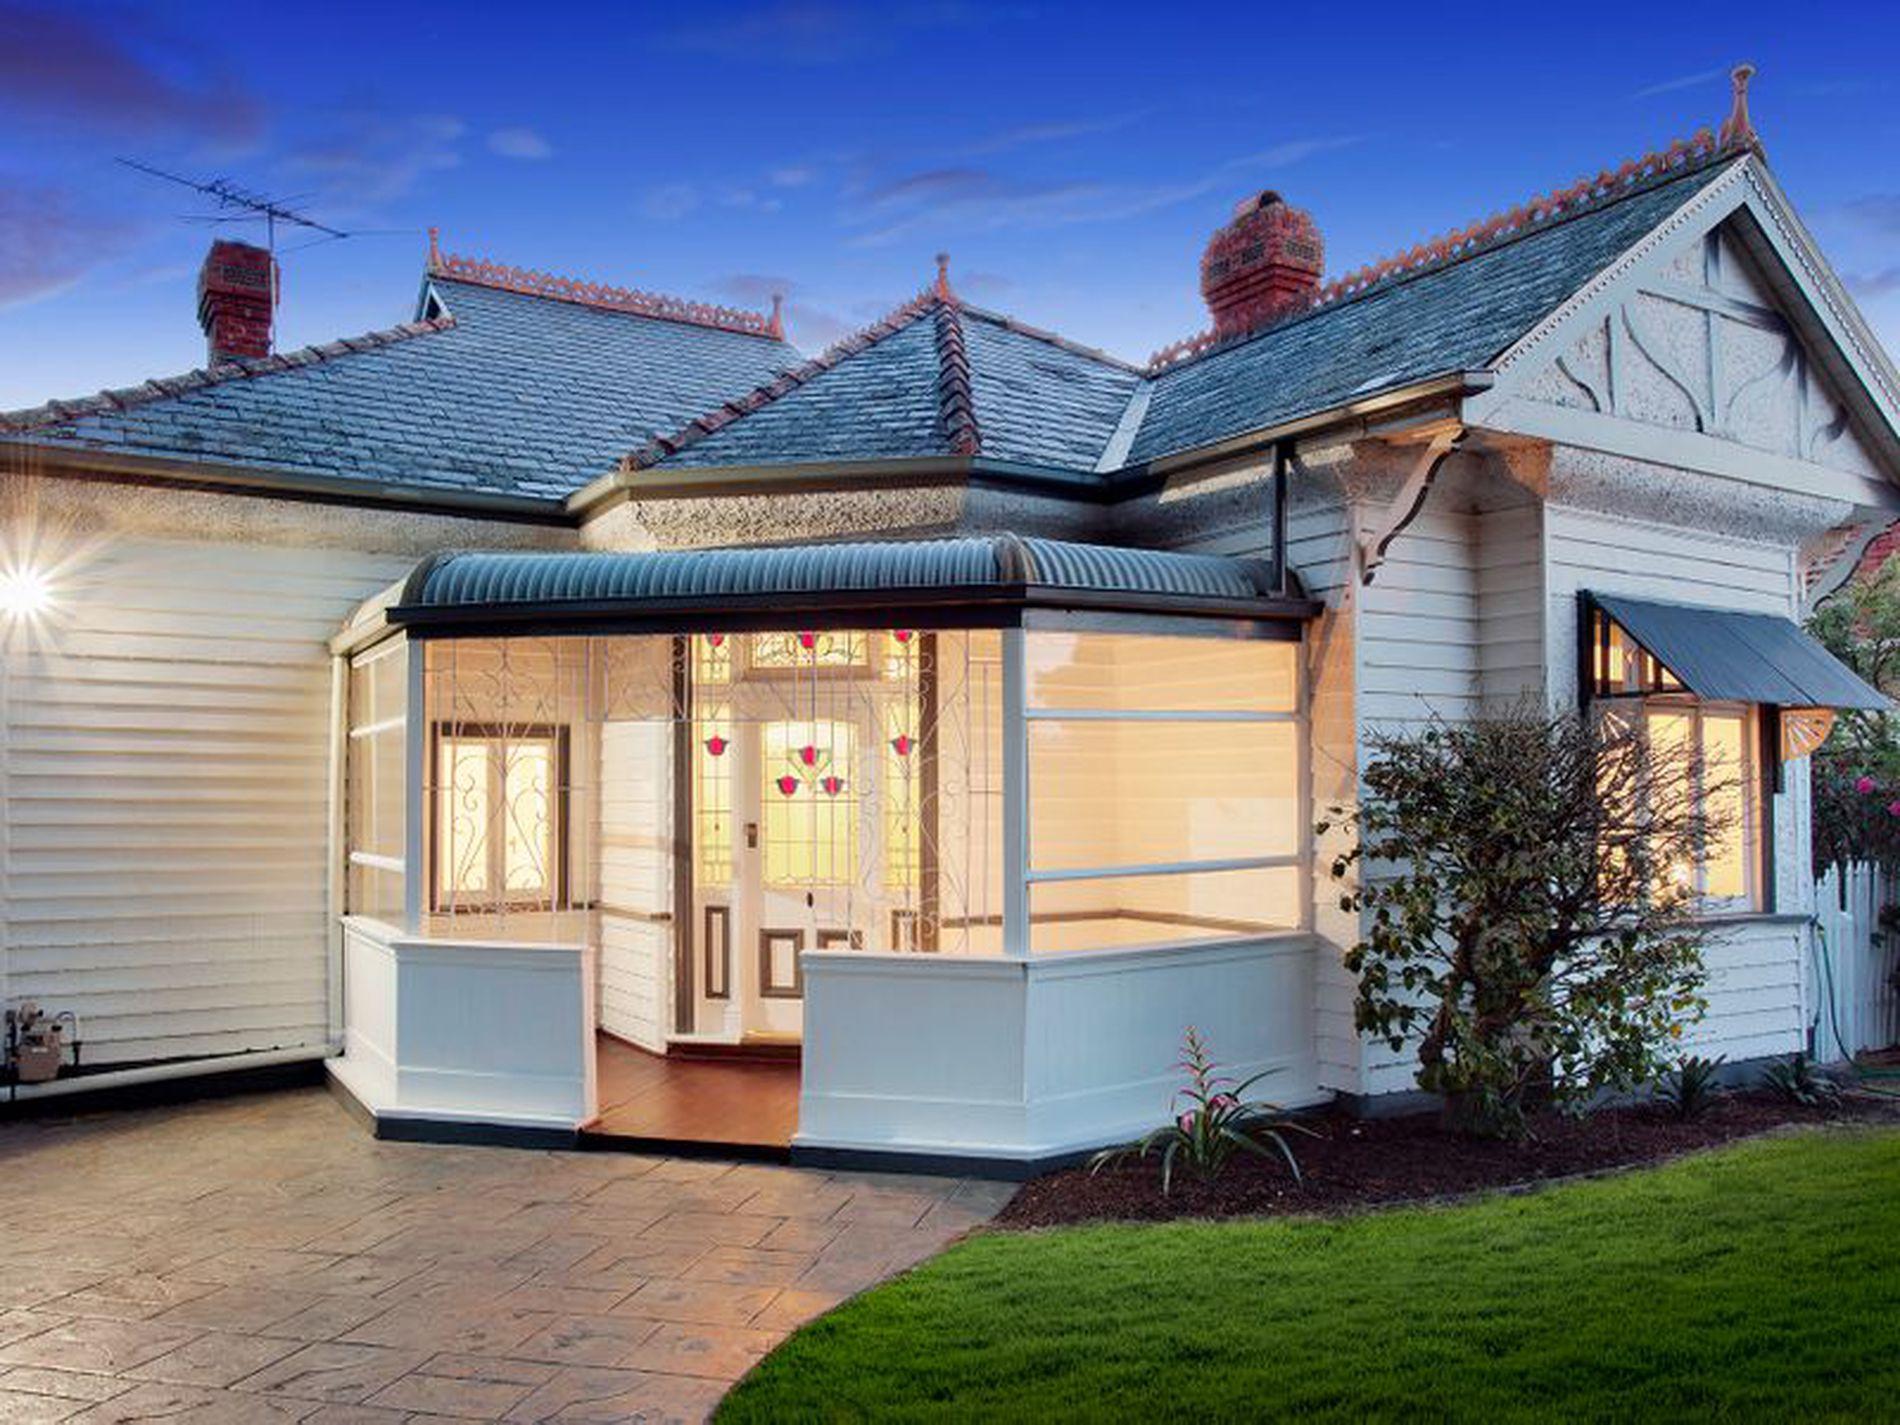 202 Kangaroo Road, Hughesdale